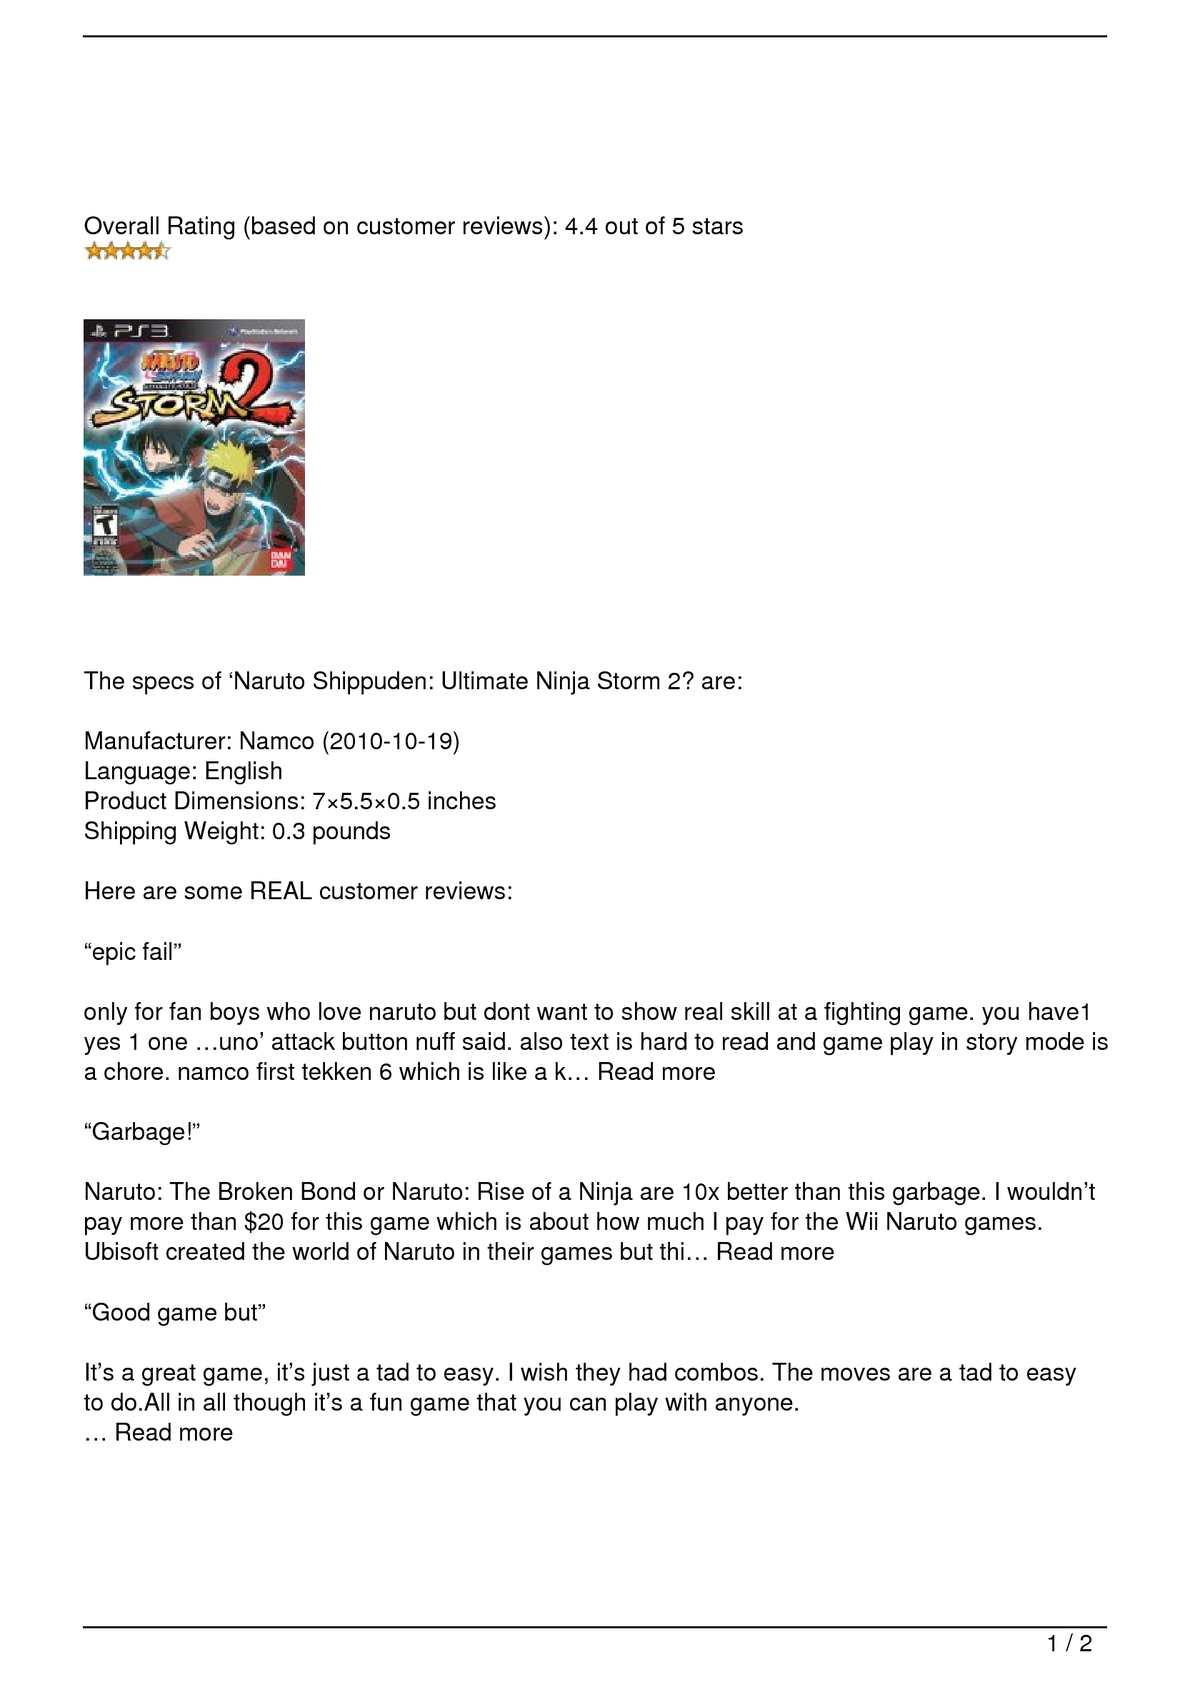 Calaméo - Naruto Shippuden: Ultimate Ninja Storm 2 Review